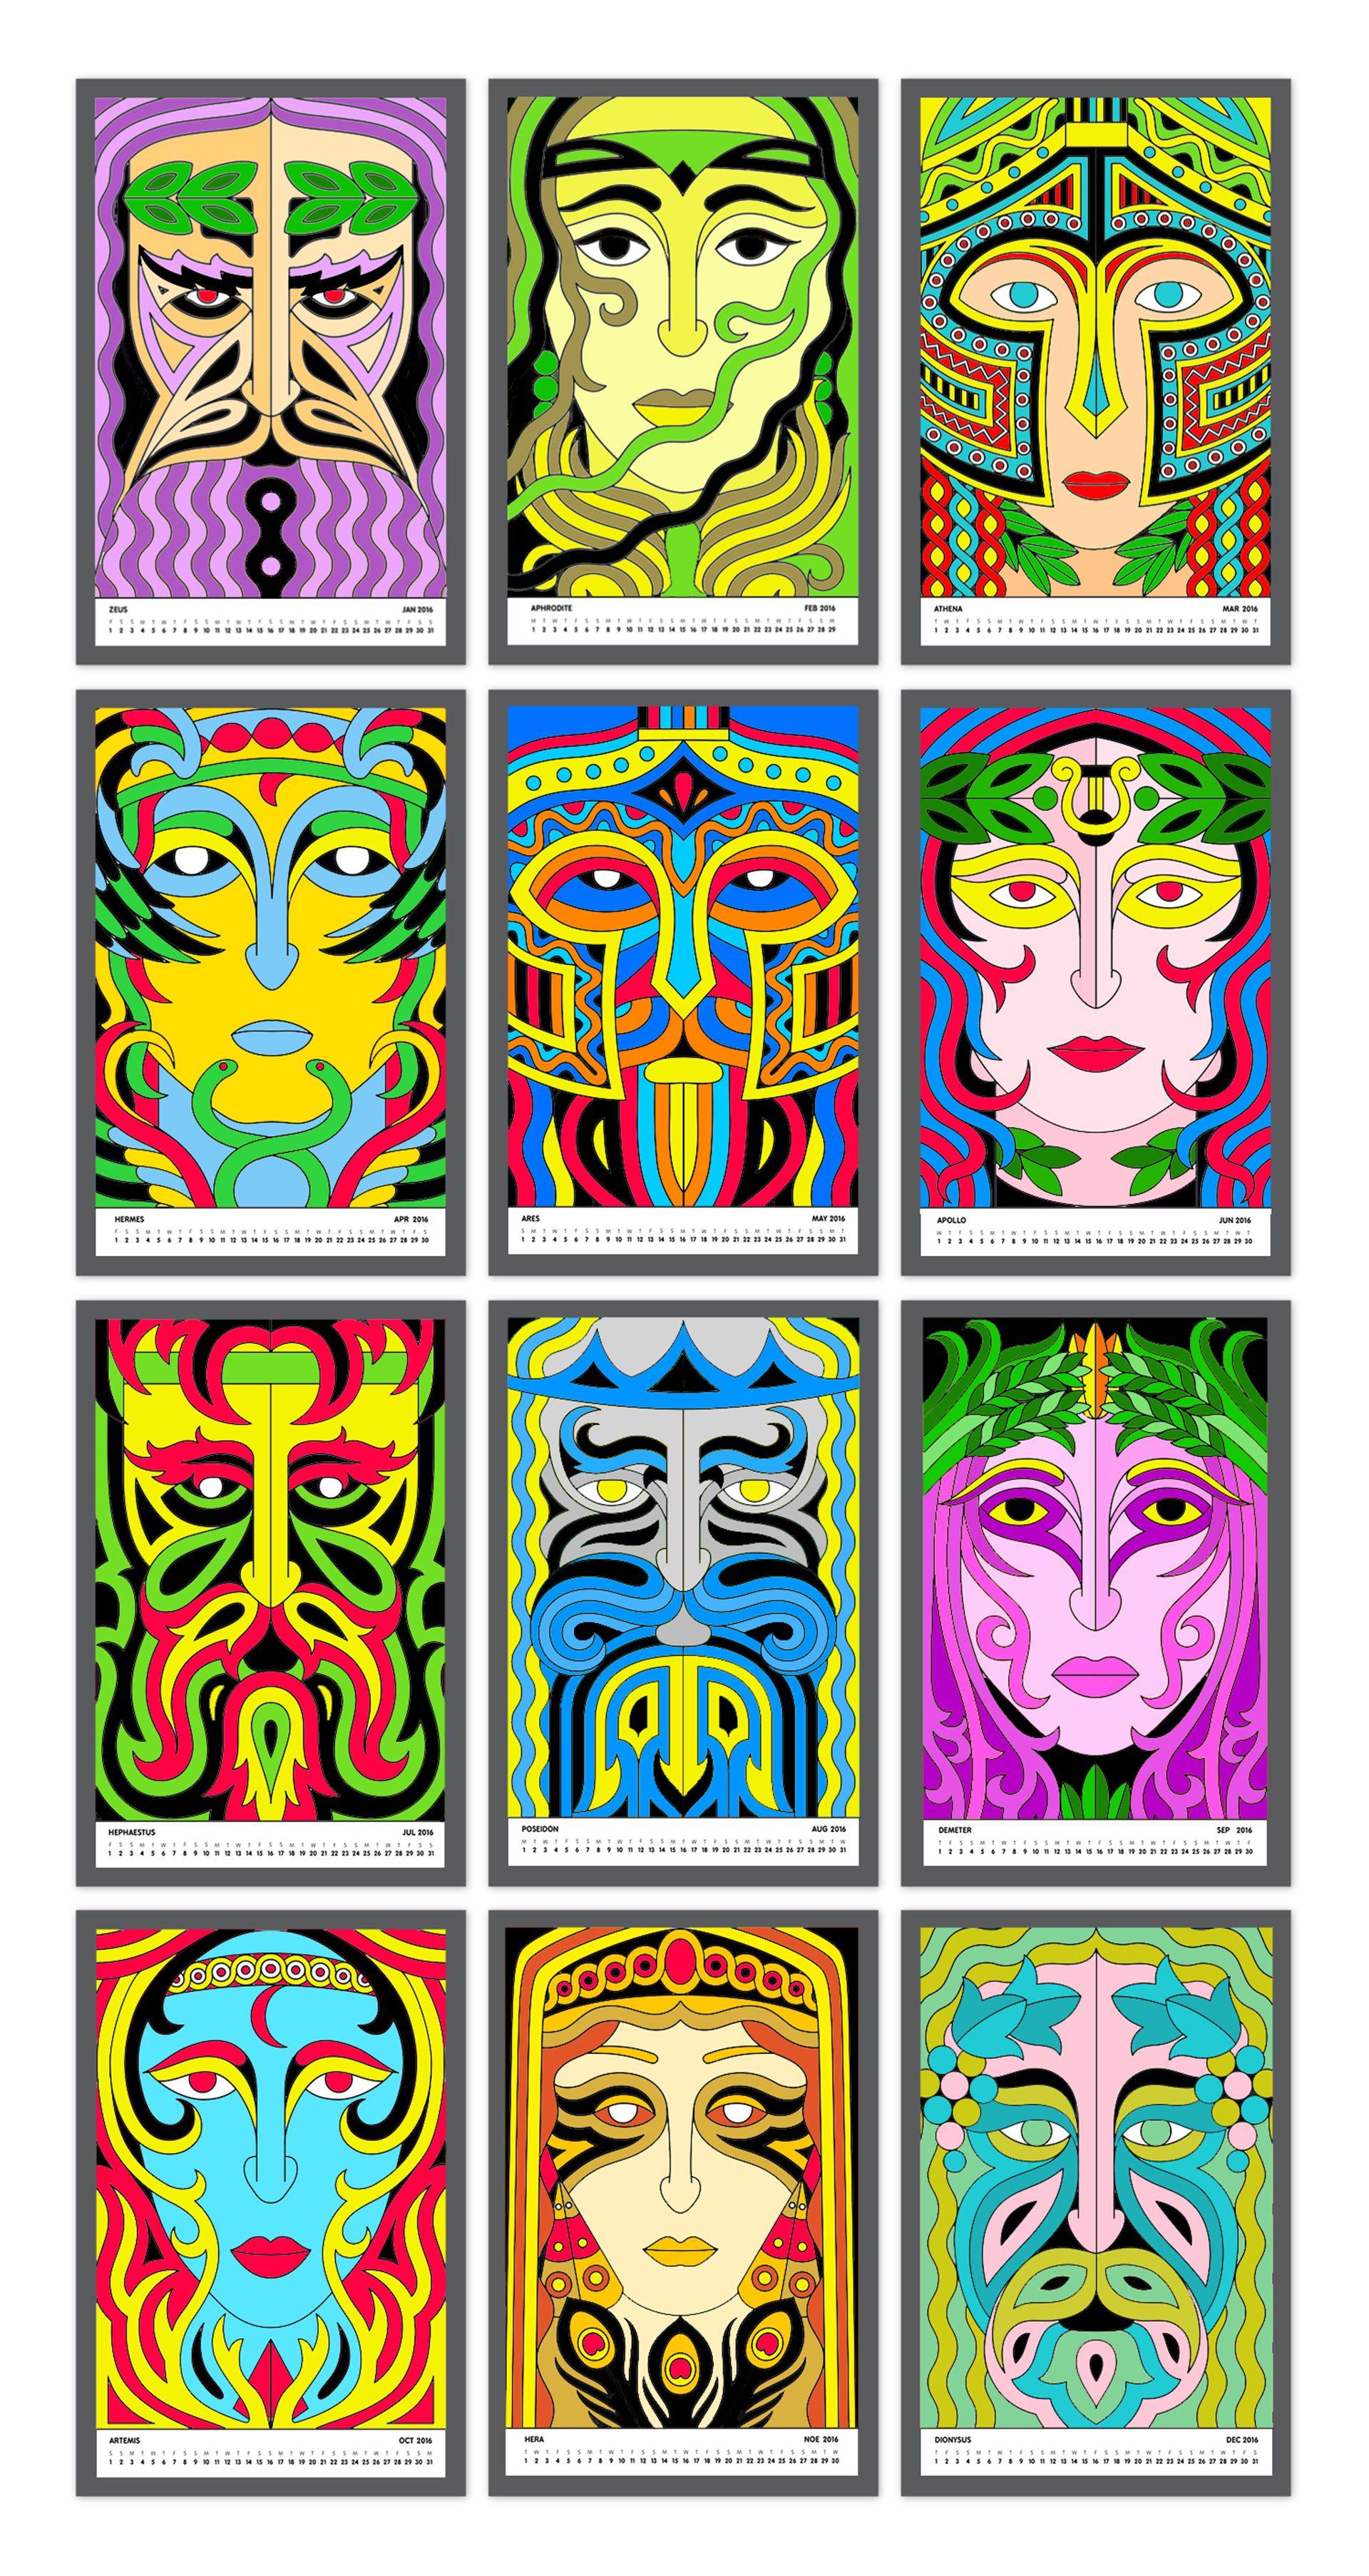 coloring calendar u2022 greek gods u2013 designpark